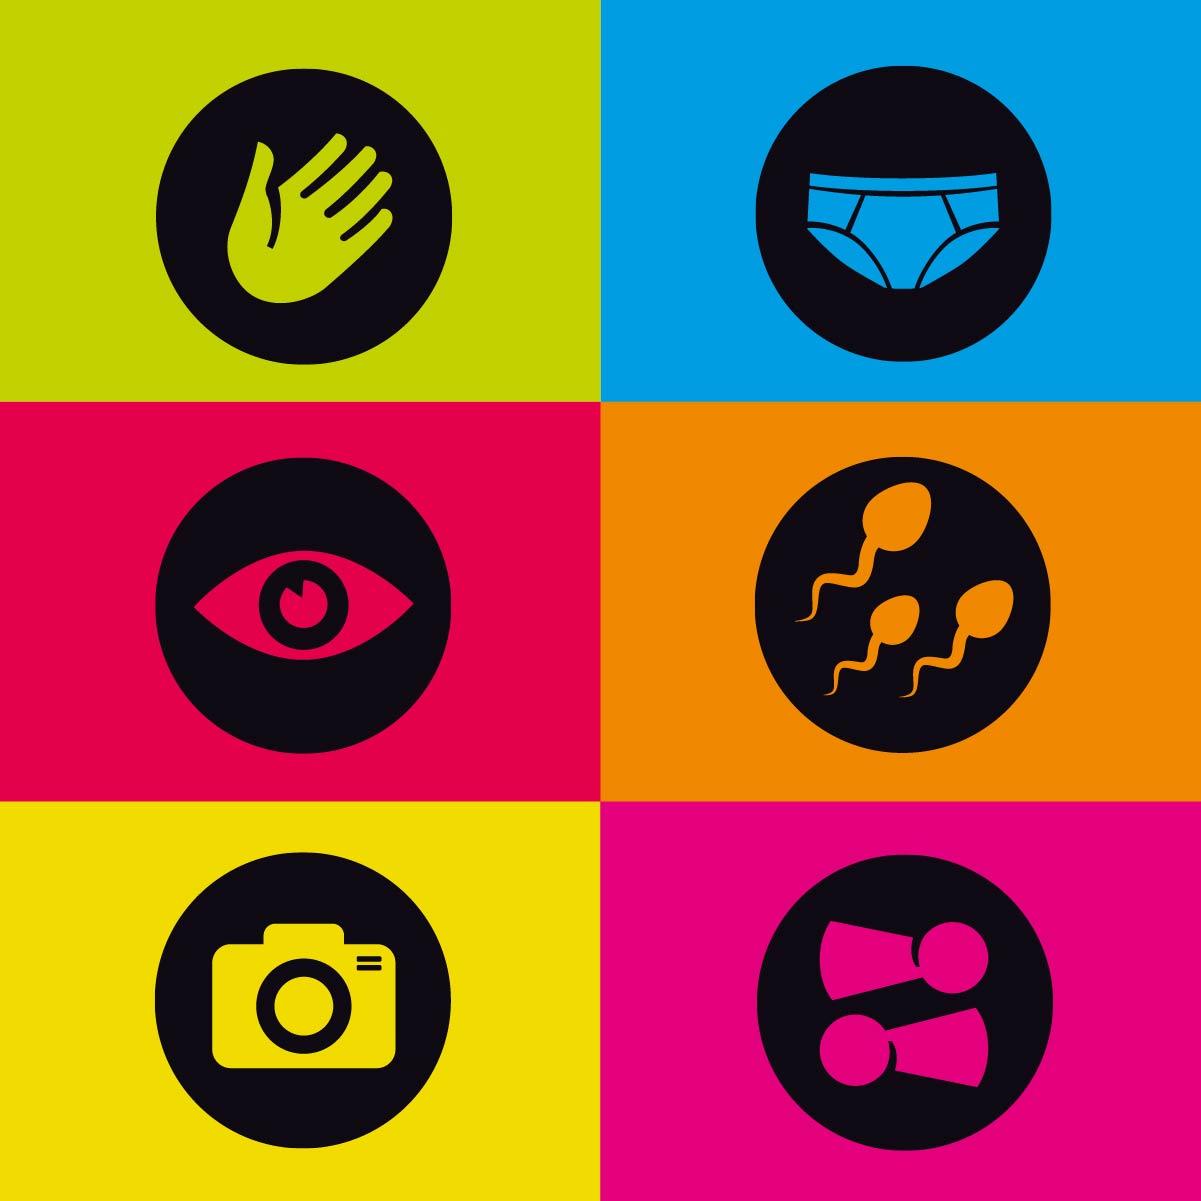 Icons für profamilia Sex-Quiz Online-Spiel Vektorgrafik Piktogramm